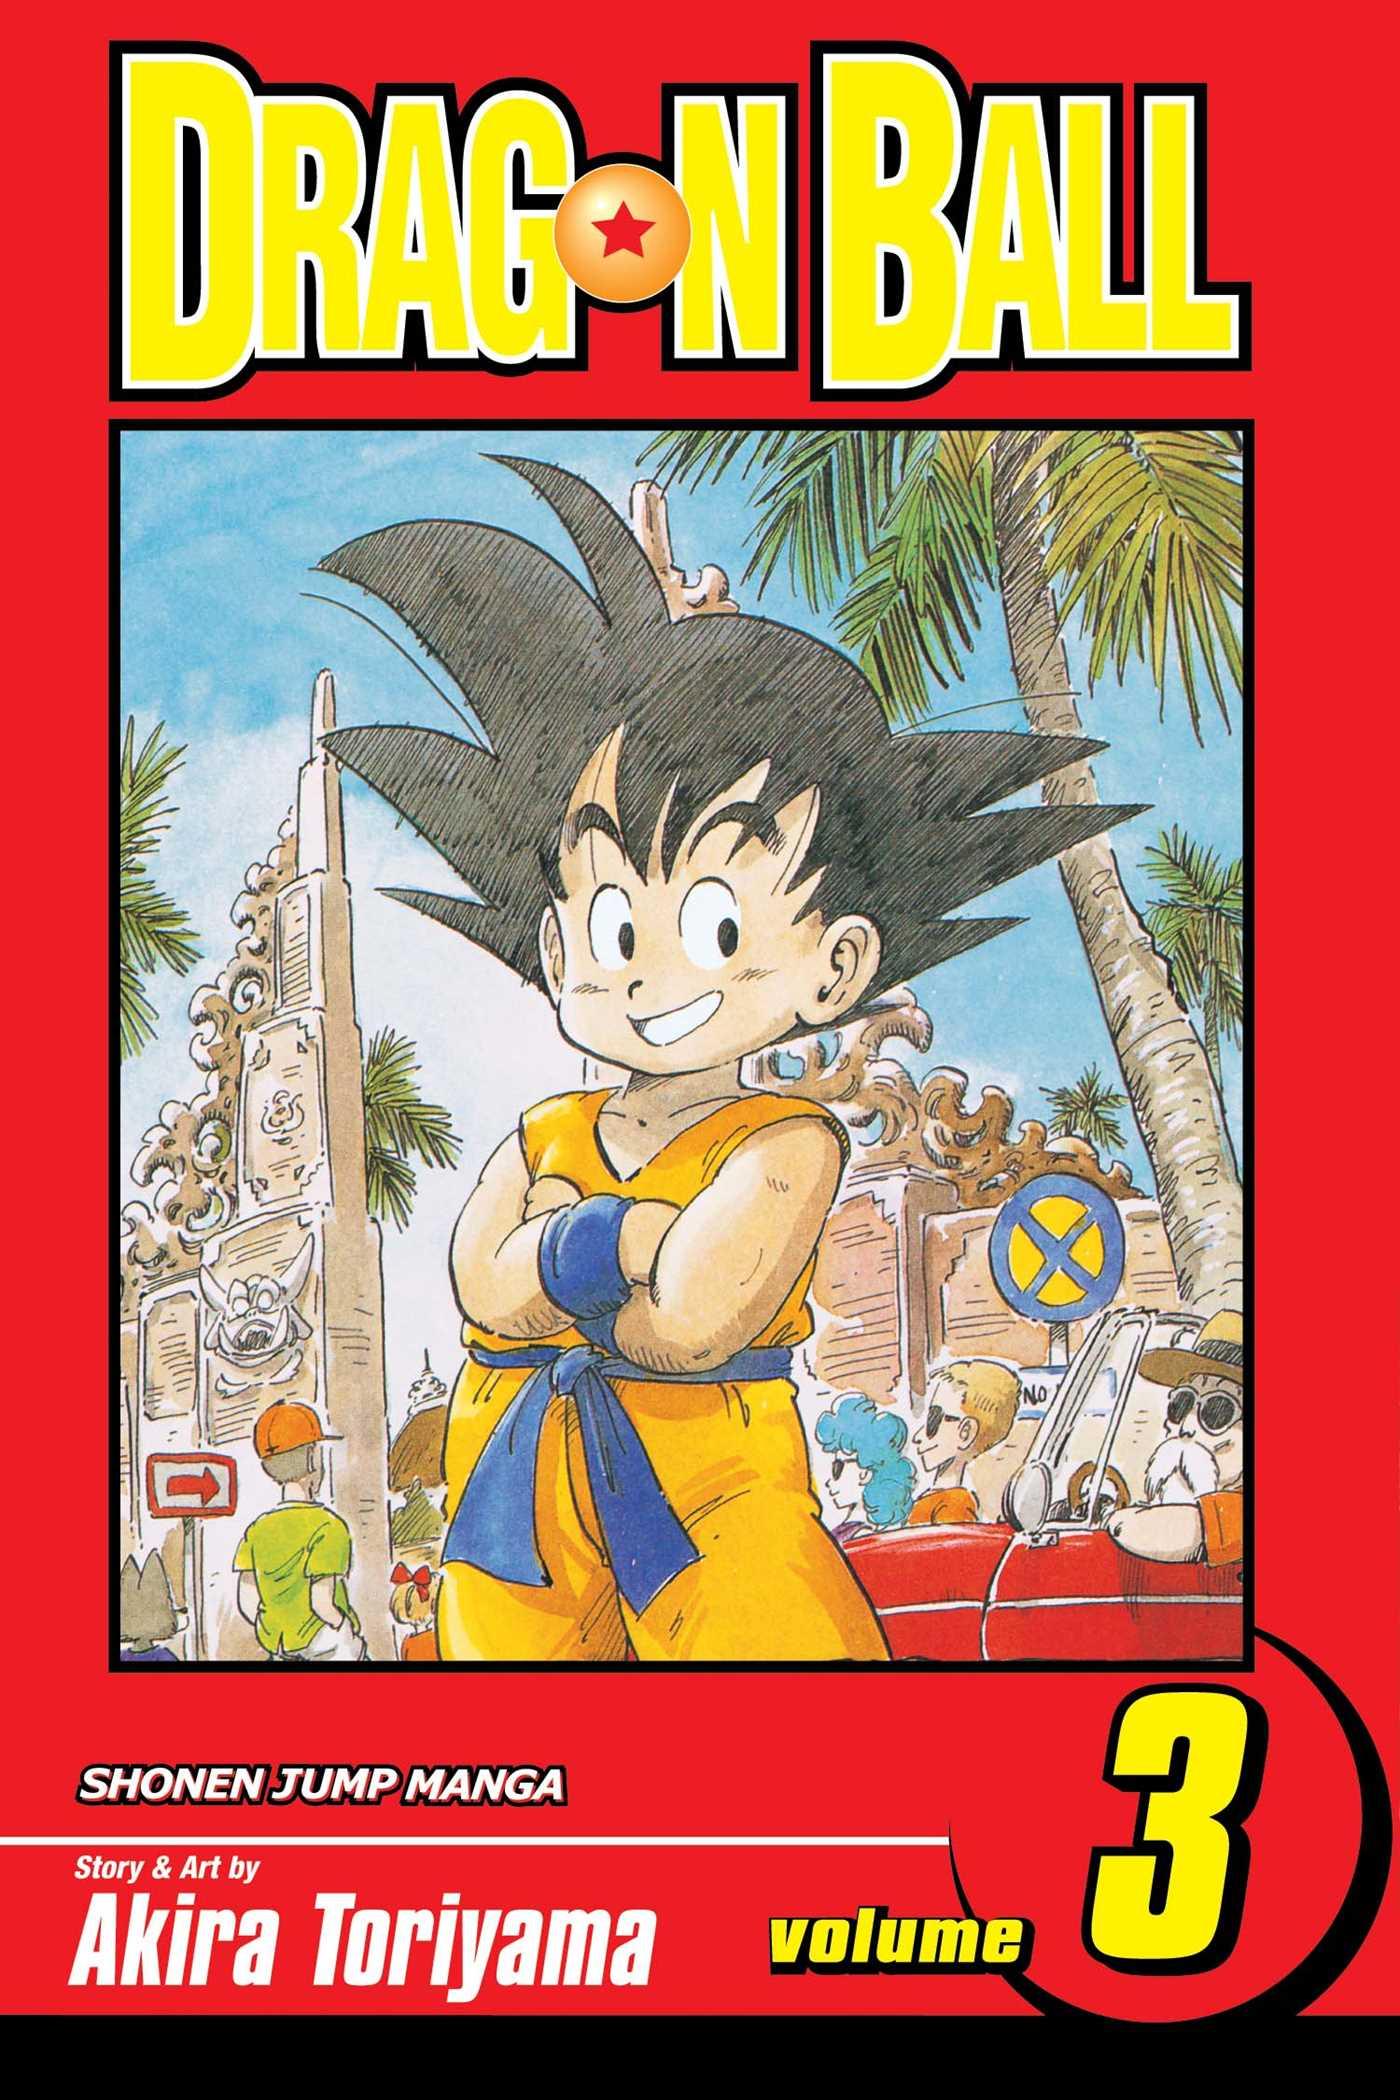 Dragon Ball Z, Volume 5 PDF Free Download